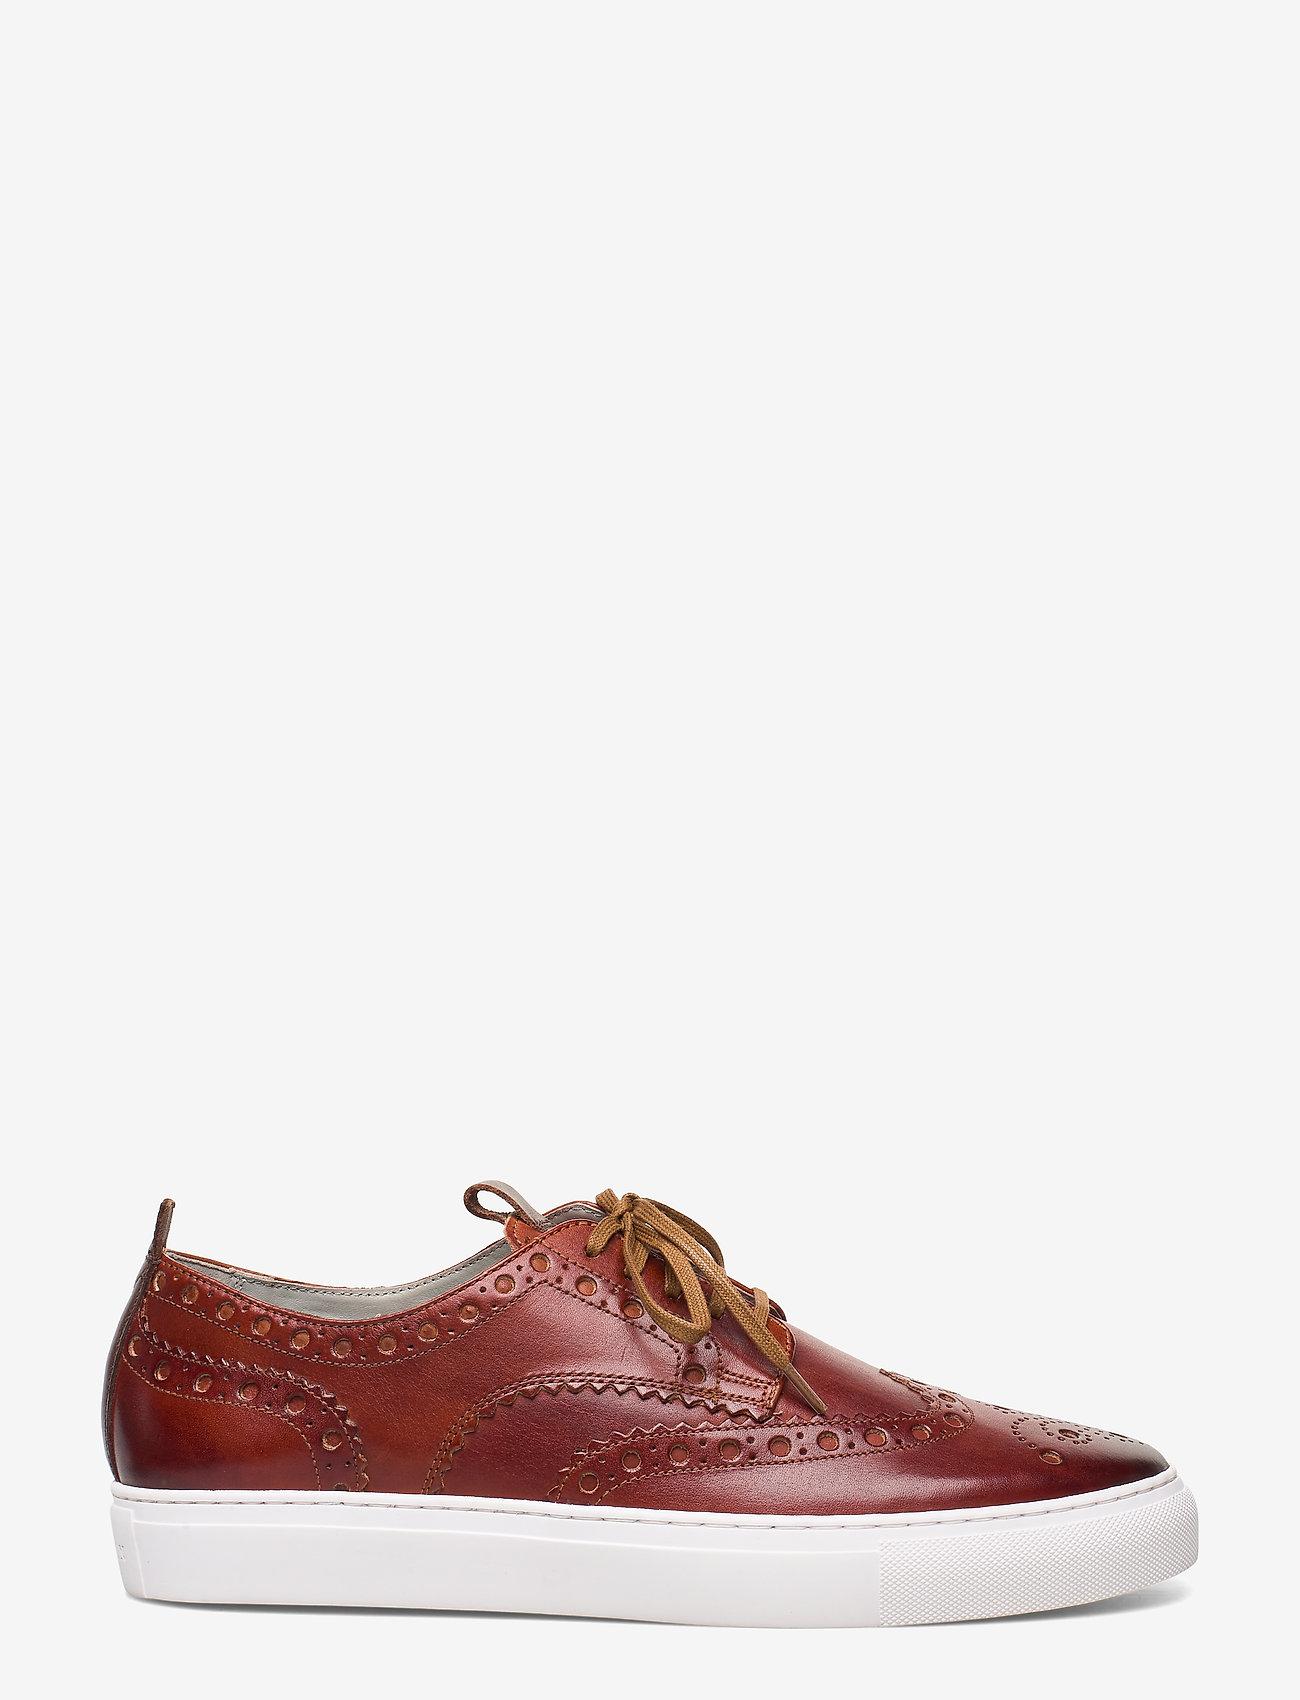 Sneaker 3 (Tan) (162.50 €) - Grenson 1D5ryhlw